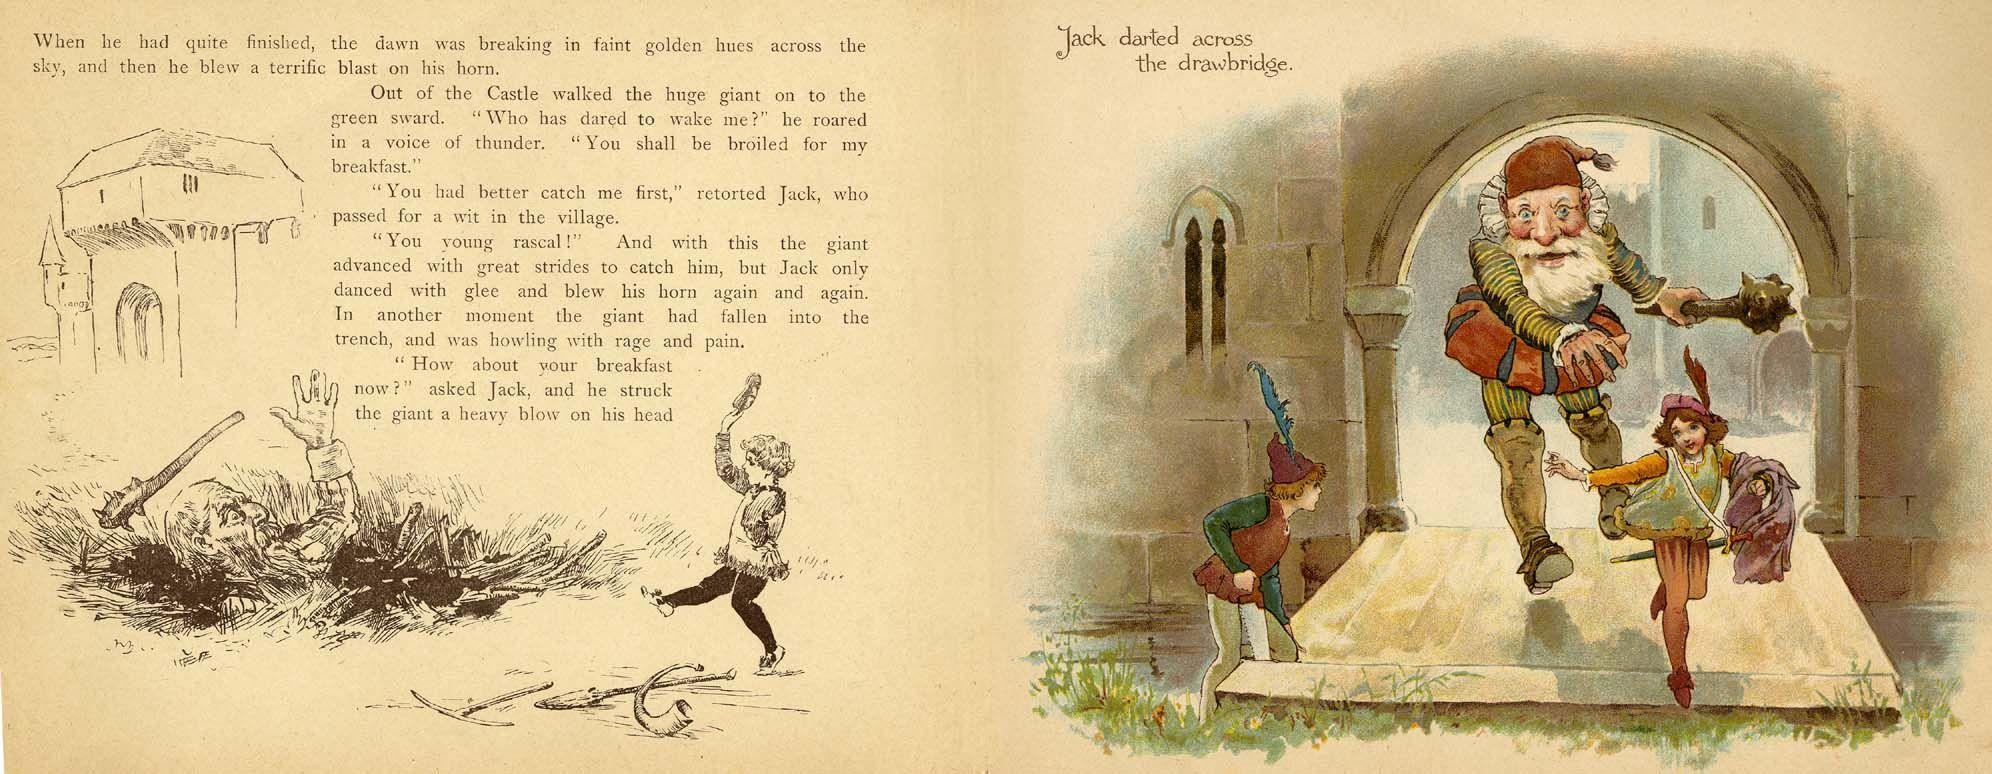 Jack the Giant Killer; 1880